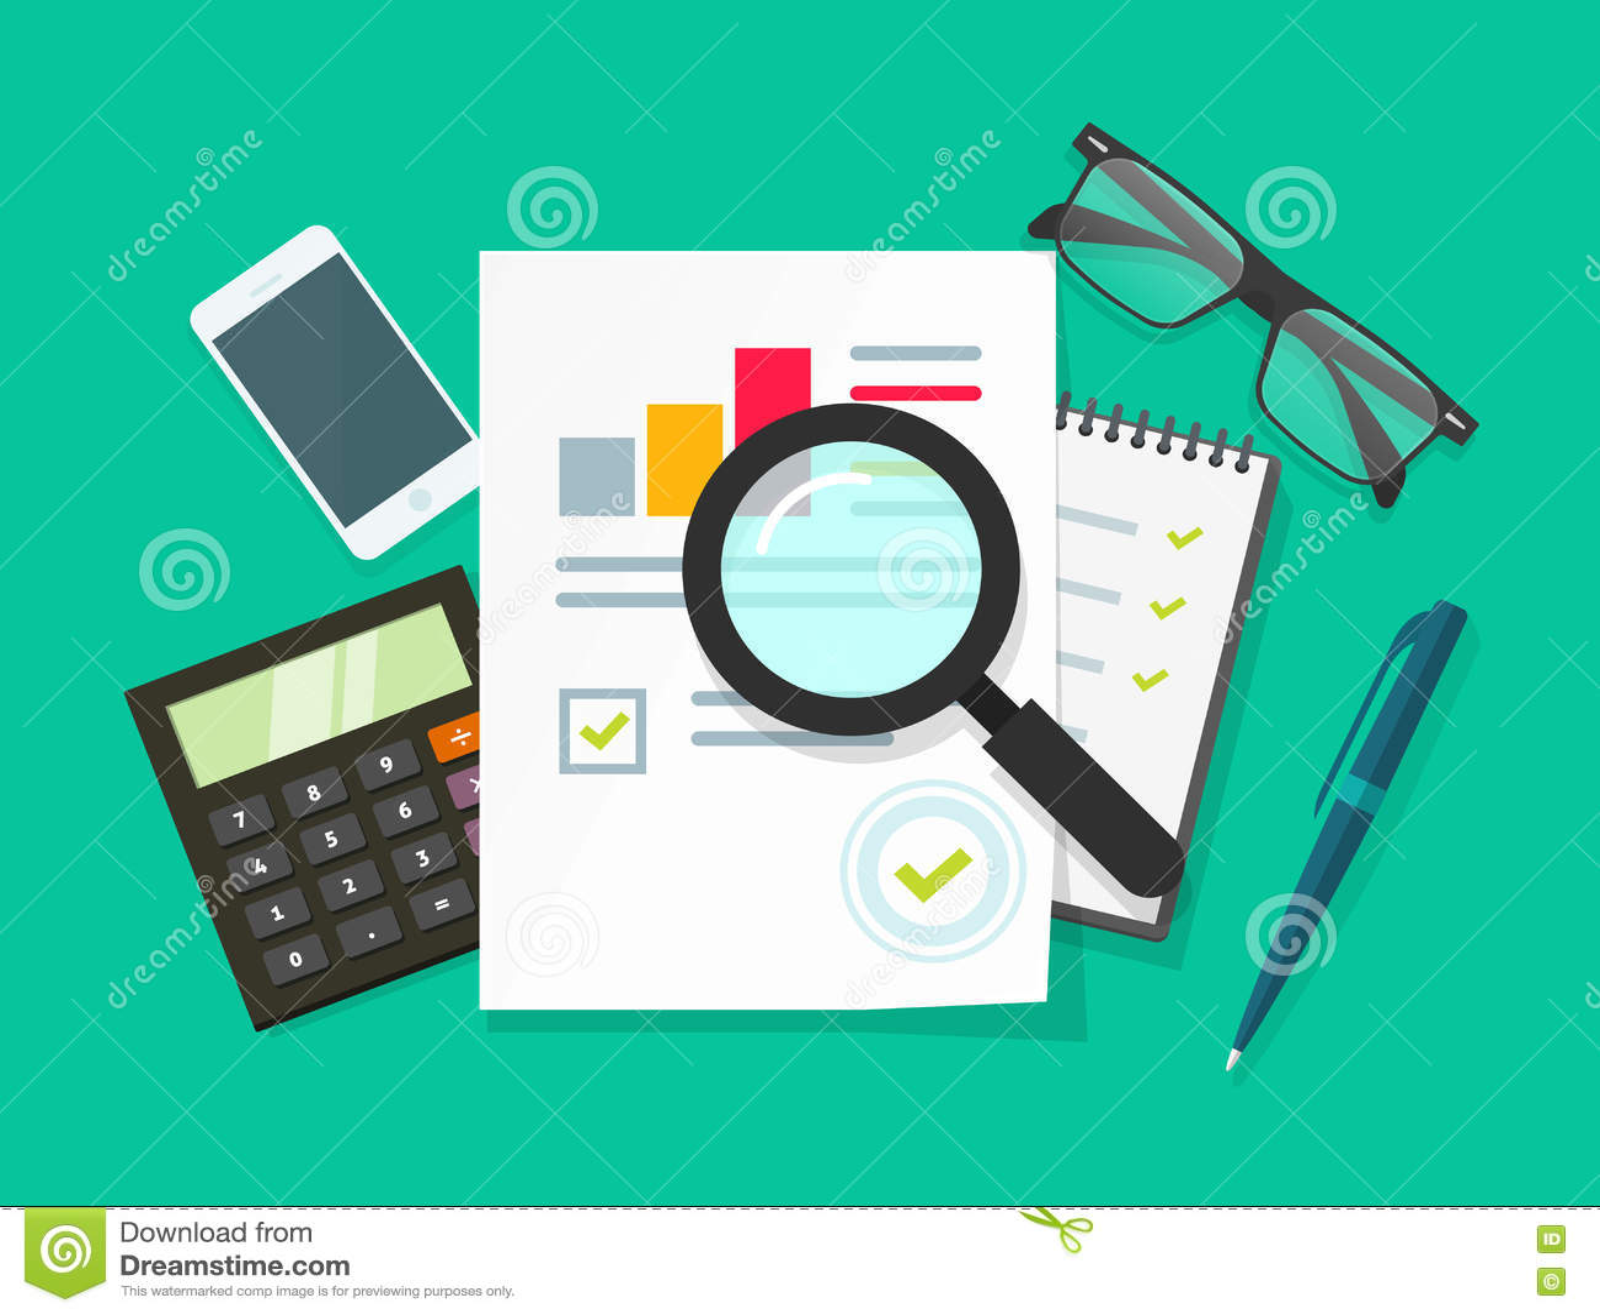 Γραφείο εργασίας ελεγκτών, λογιστική επιχειρησιακή έρευνα, οικονομικός λογιστικός έλεγχος, φορολογική έκθεση